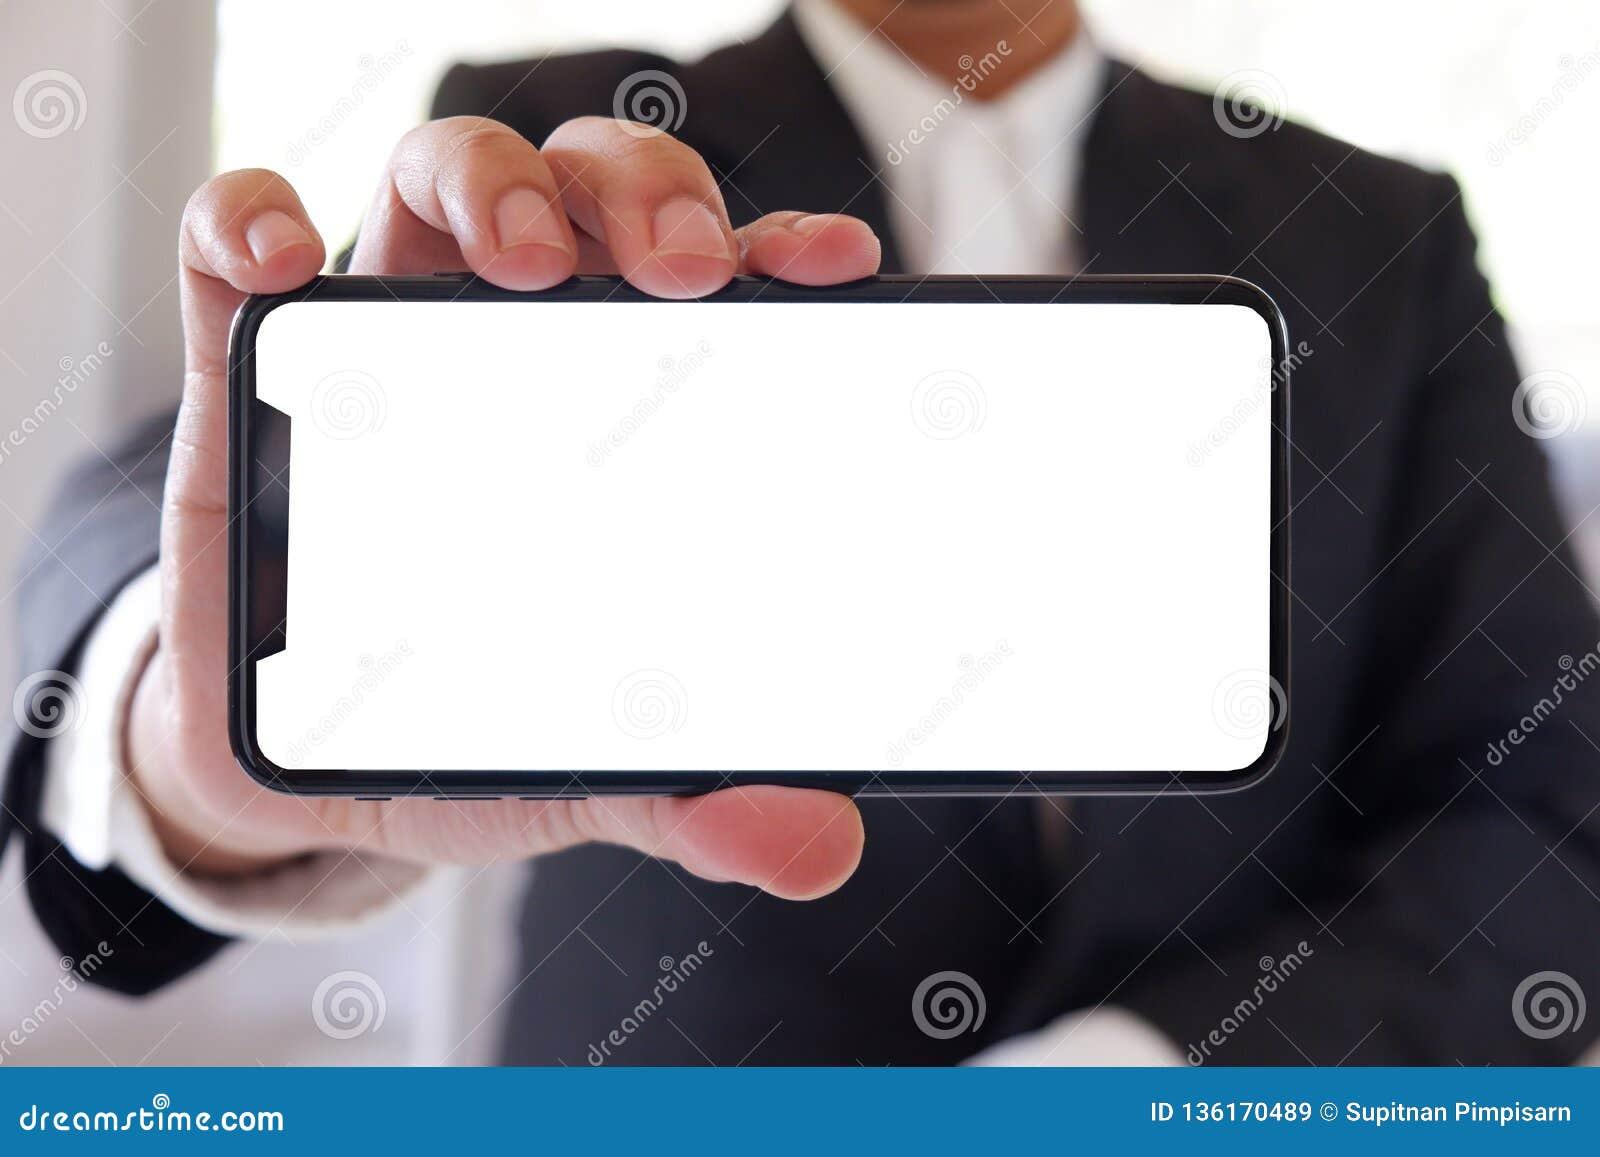 Het smartphone voorwaartse lege witte scherm van de zakenmanholding voor uw tekst of beeld